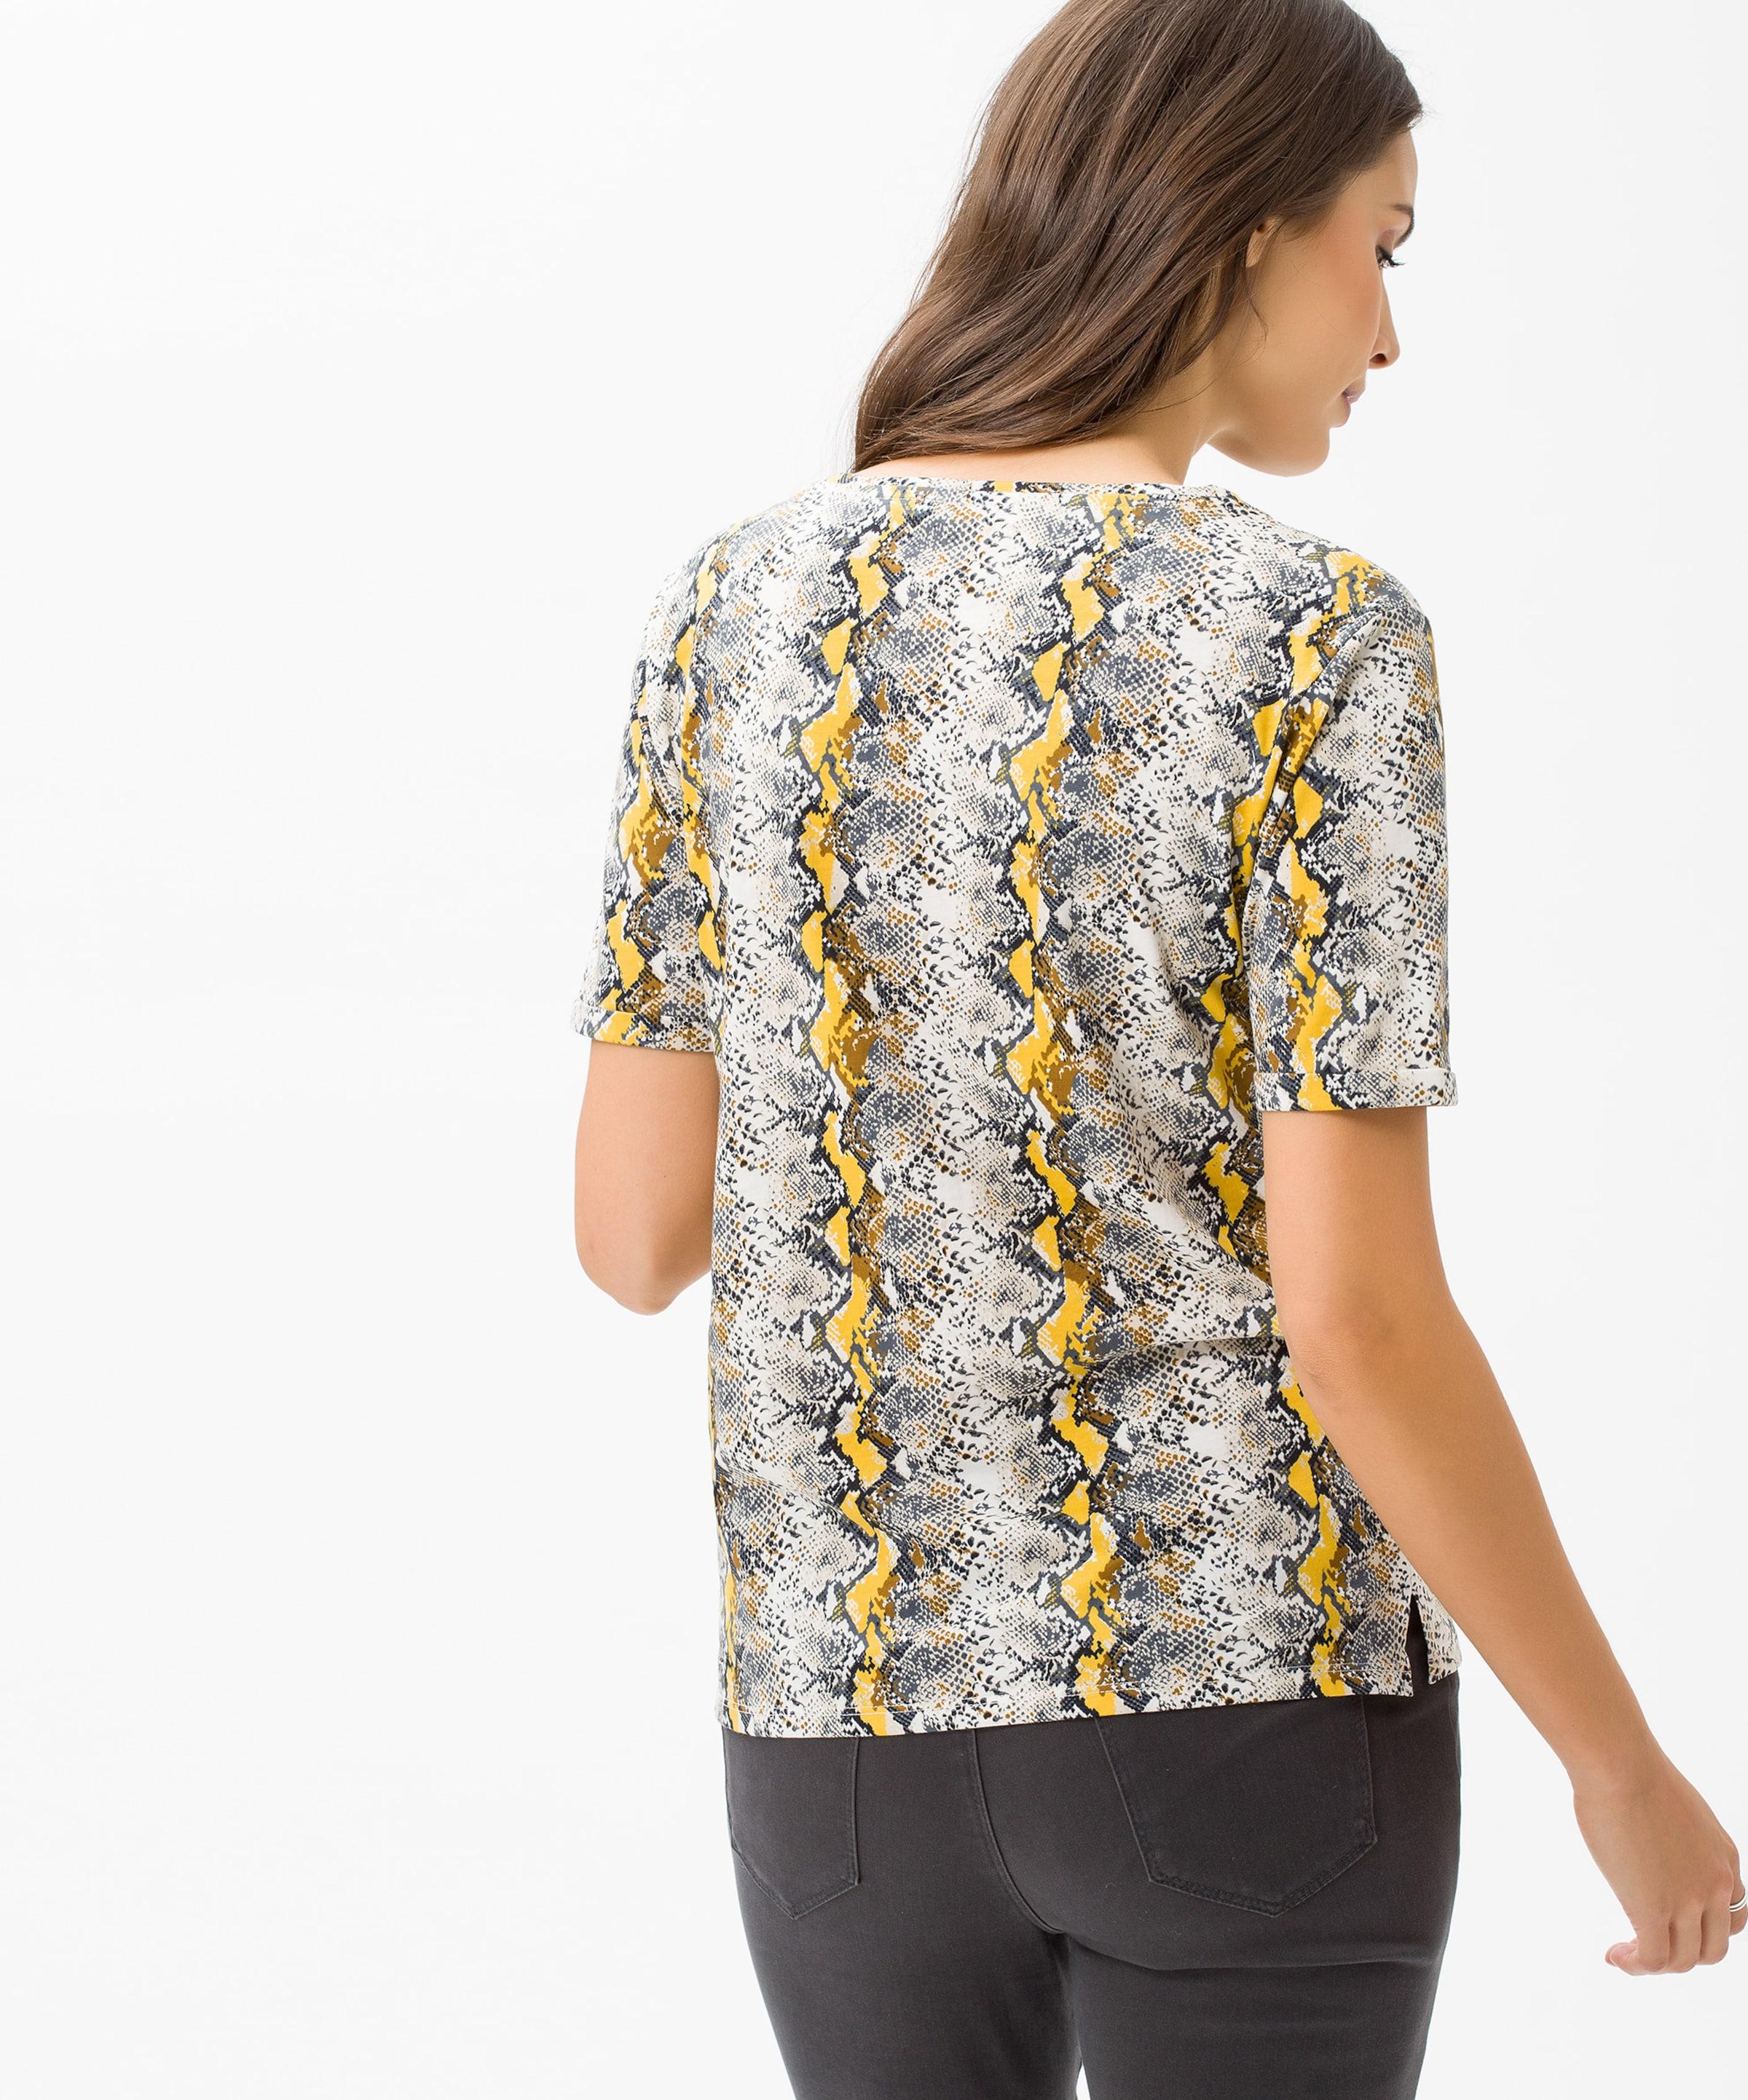 HellbraunGelb Shirt In Brax In HellbraunGelb 'cira' Brax Brax Shirt 'cira' WoxErdCBQe